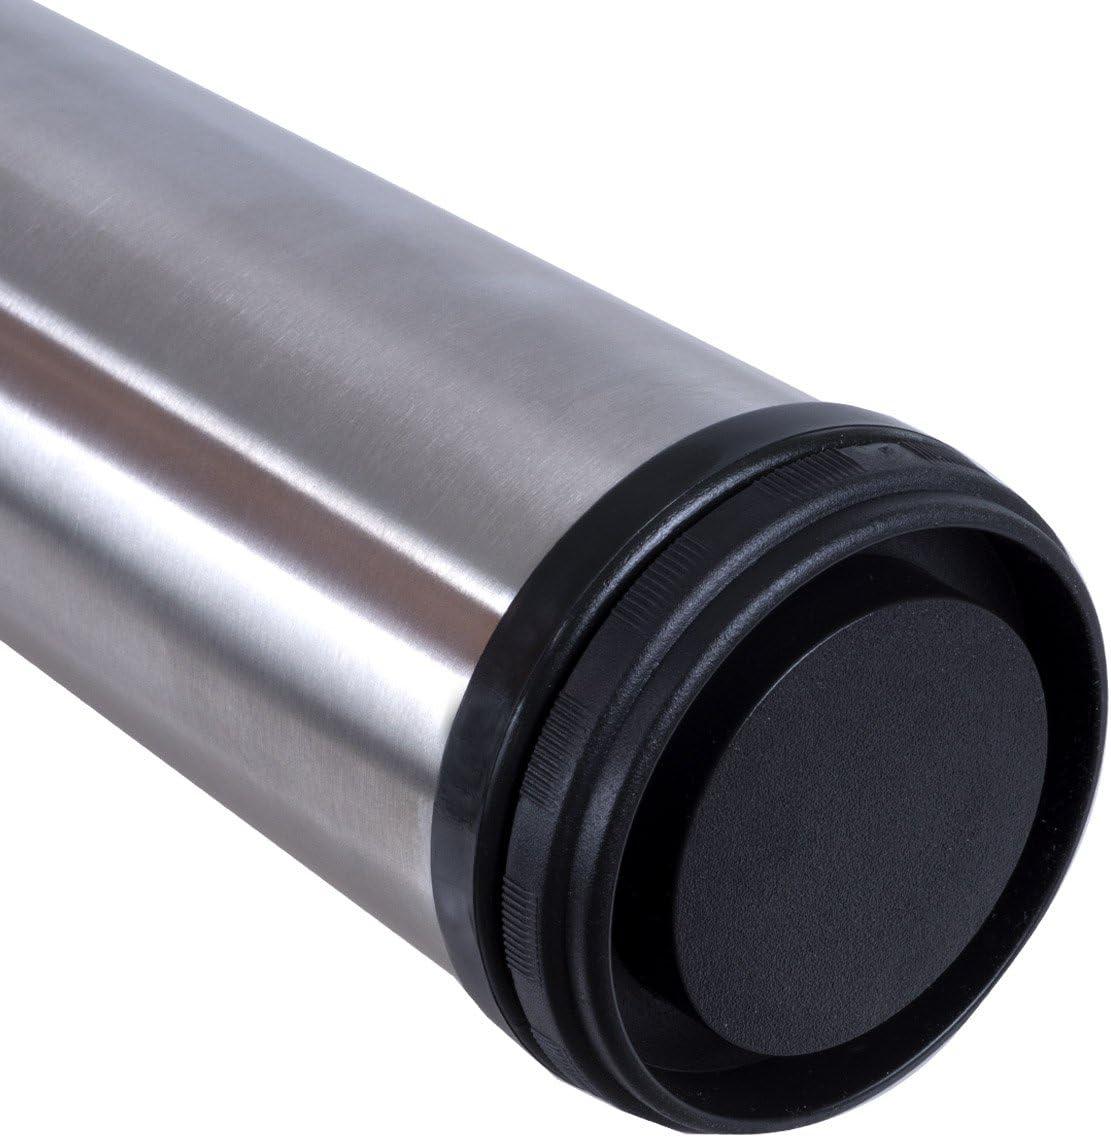 4 x EDELSTAHL Fi Tischfu/ß /Ø60 mm Tischbeine M/öbelfu/ß Befestigungsmaterial Tischfuss Verstellfu/ß M/öbel Fu/ß F/ü/ße 30 mm|inkl H/öhe 820 mm|h/öhenverstellbar